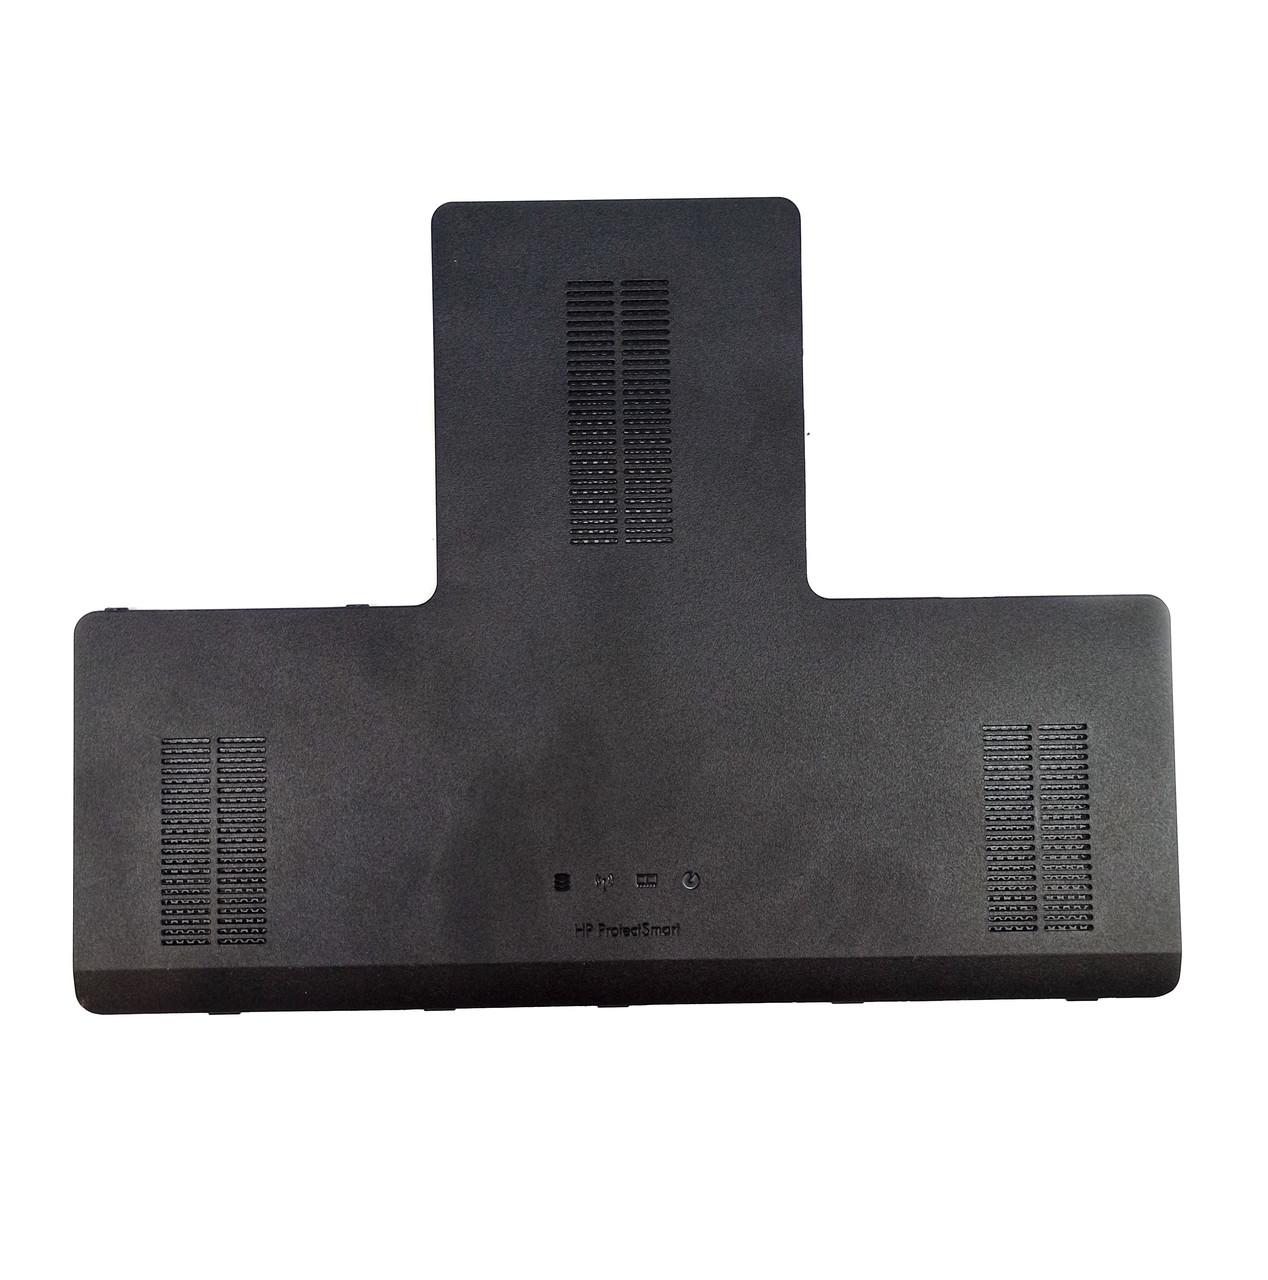 Сервисная крышка E cover (665604-001) для ноутбука HP dv7-6140eo